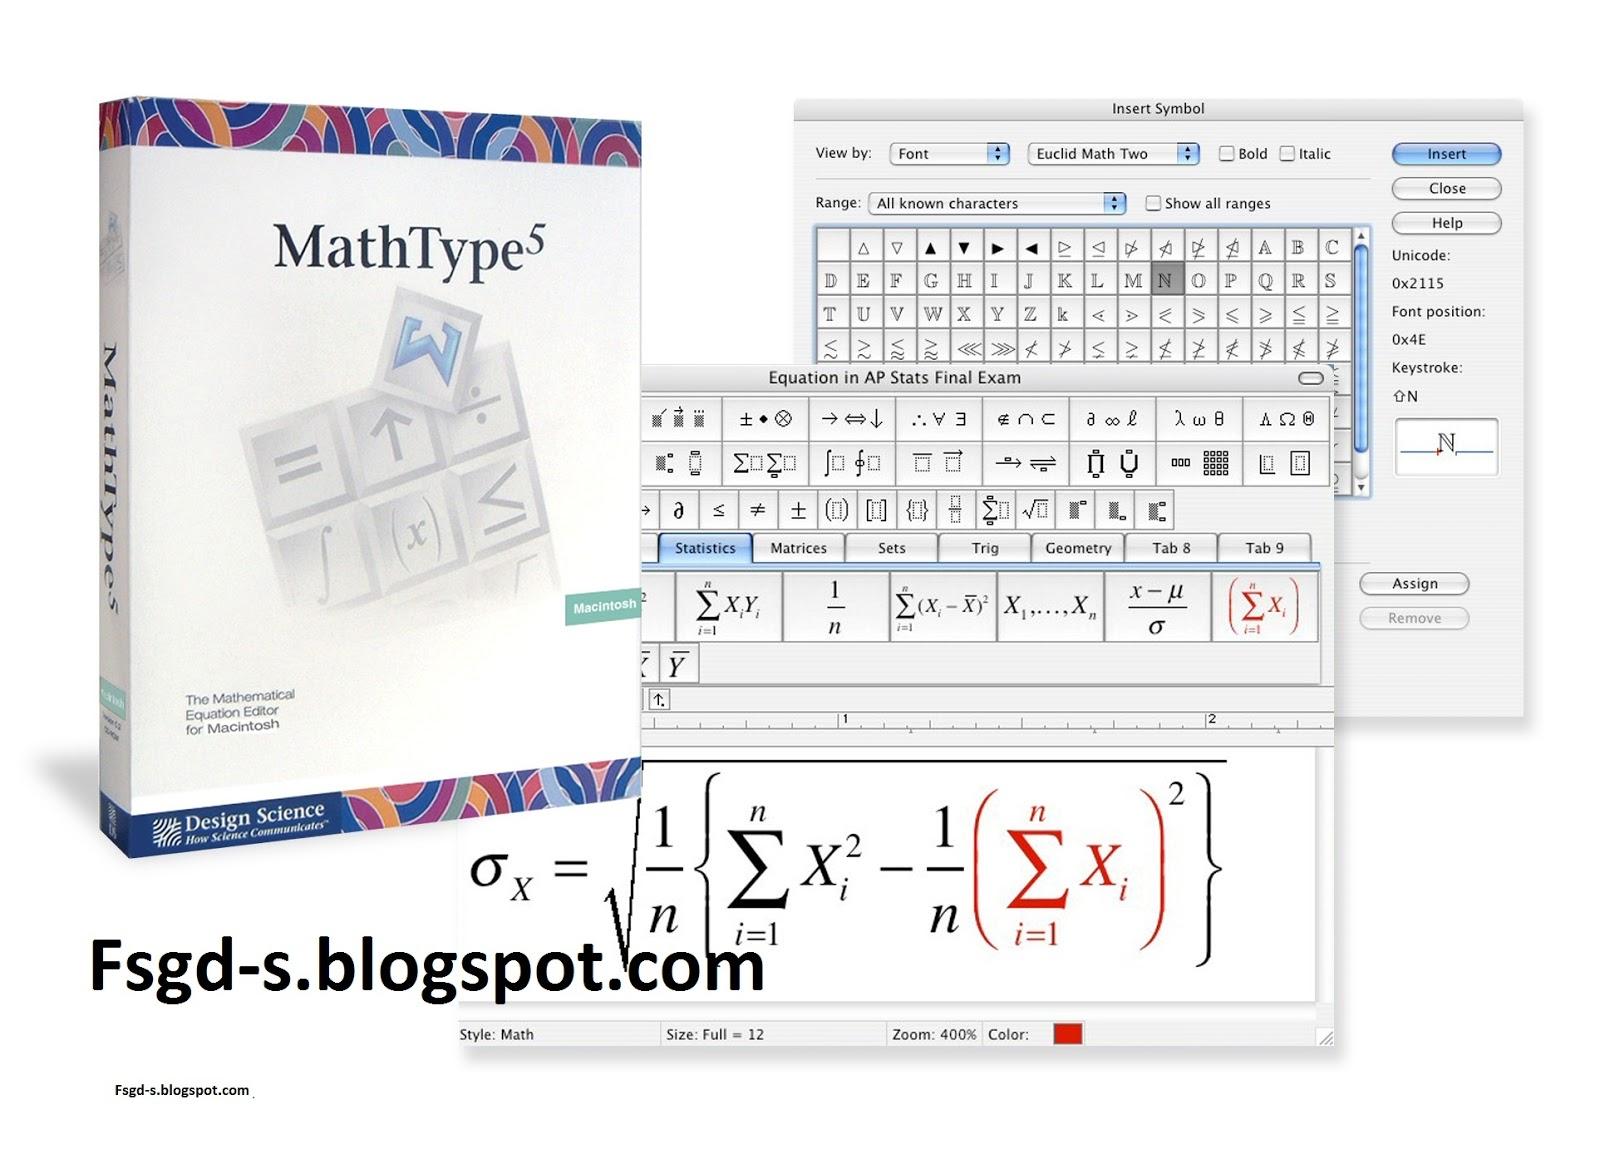 Как в mathtype сделать шрифт жирным